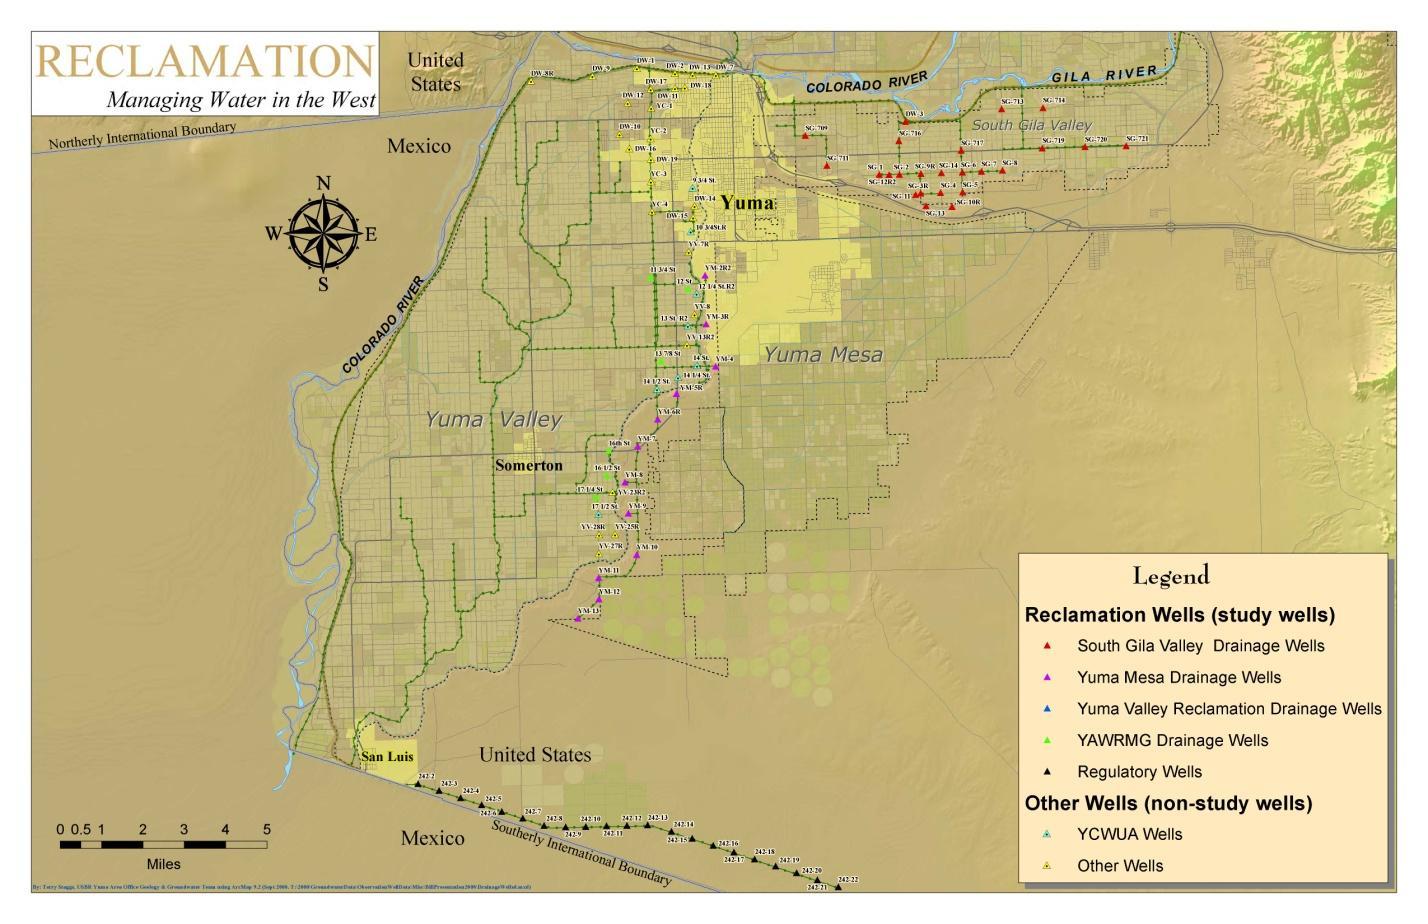 Optimization of Operation of Yuma Area Drainage and Regulatory Wells